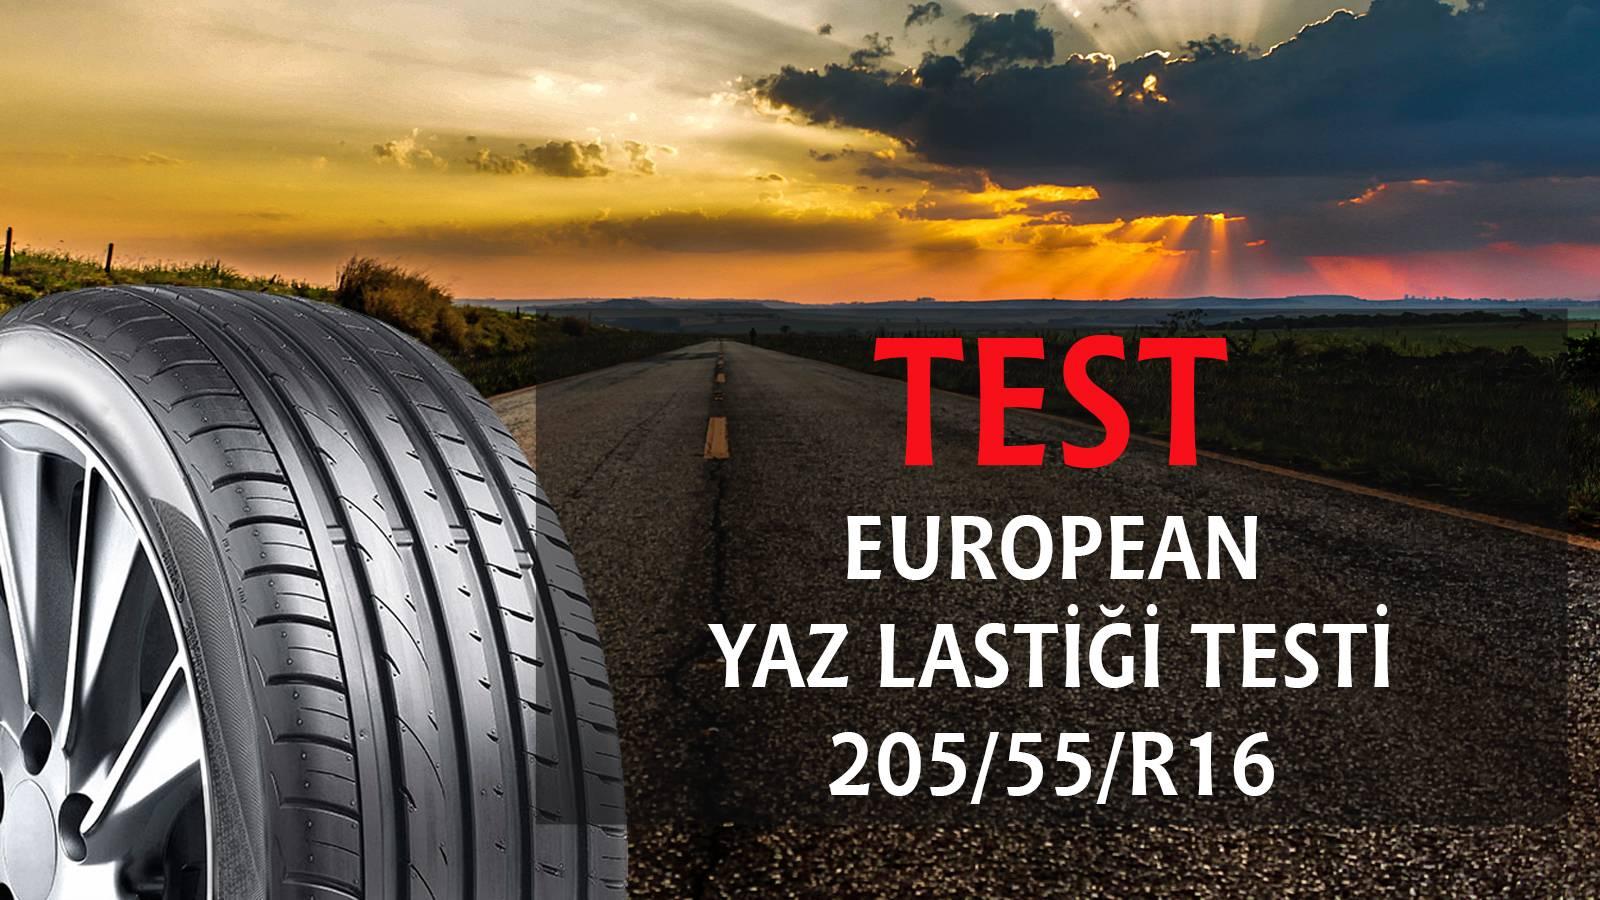 2015 European Yaz Lastiği Testi 205/55/R16